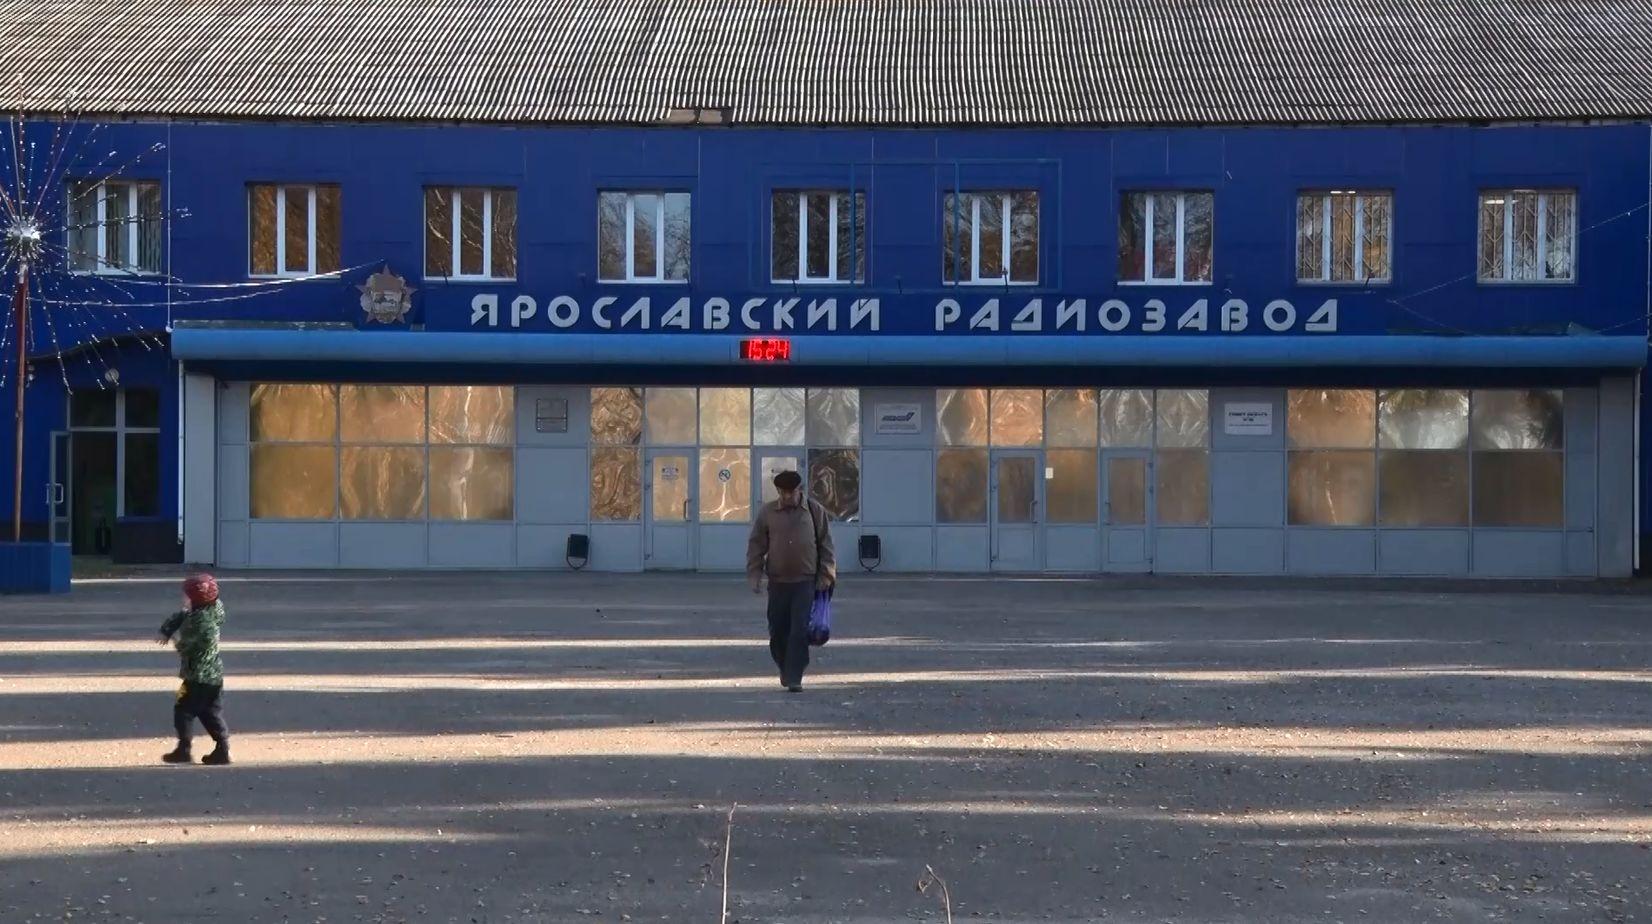 По просьбе сотрудников ярославского Радиозавода скорректировали расписание автобусов